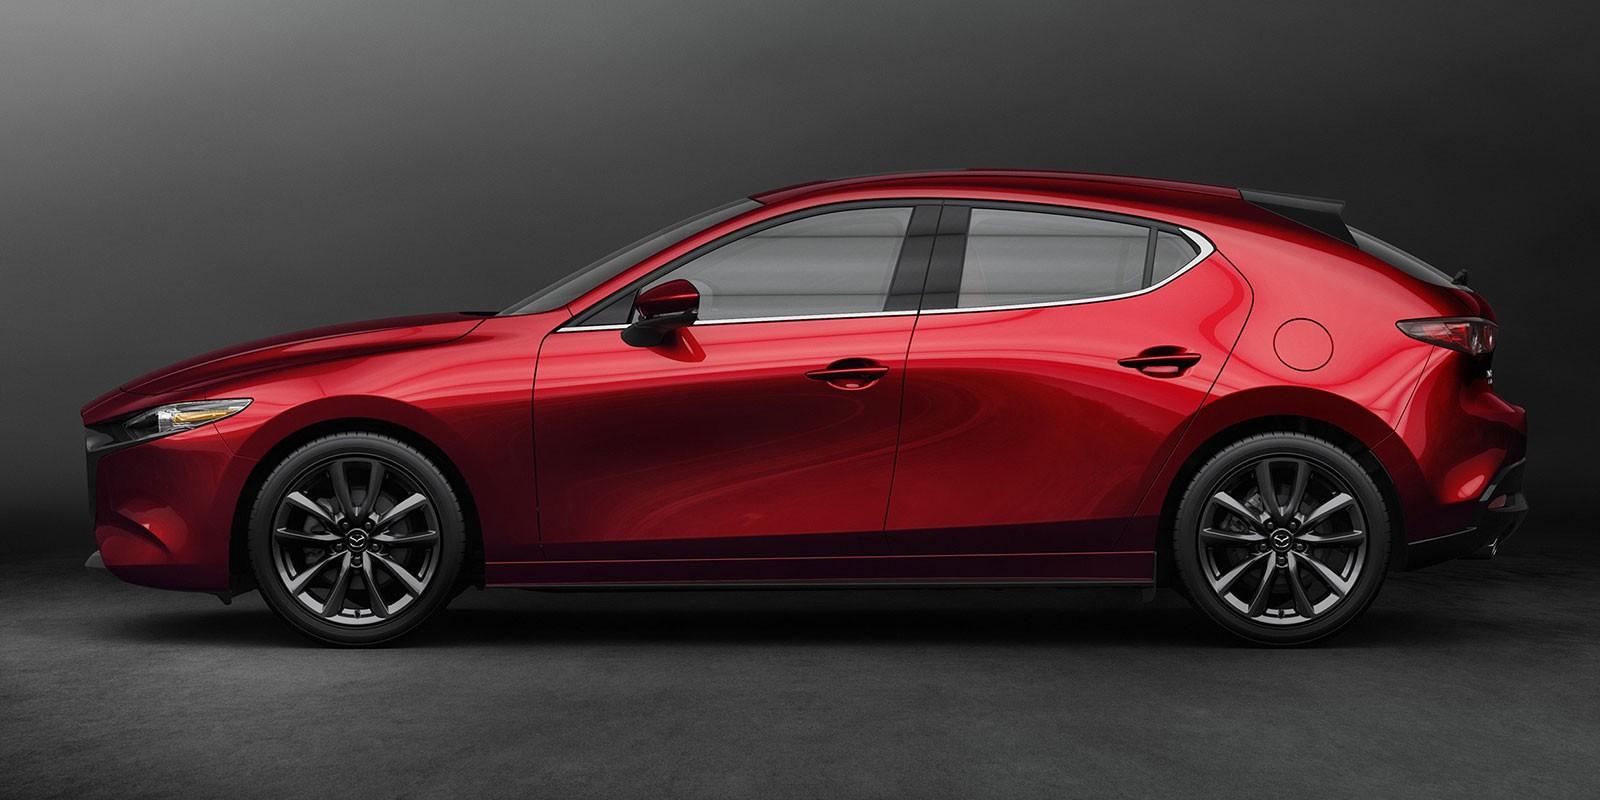 Mazda3 2019 bản hatchback với đường mạ crôm ở chân kính